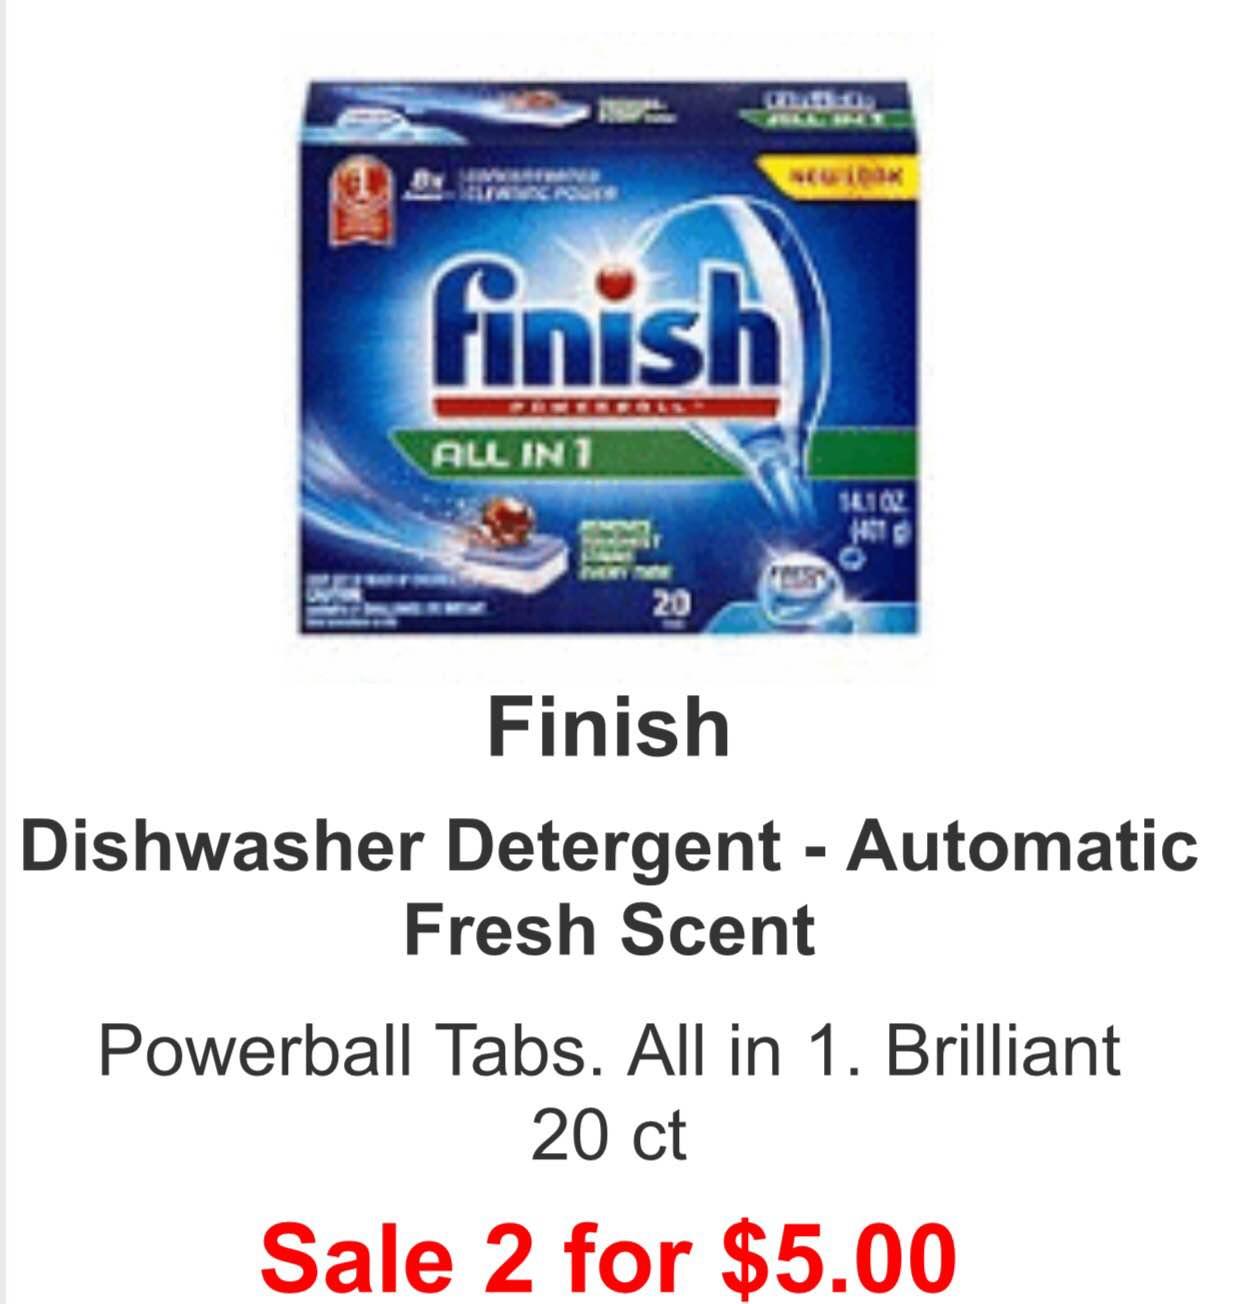 Finish dishwasher pods coupons